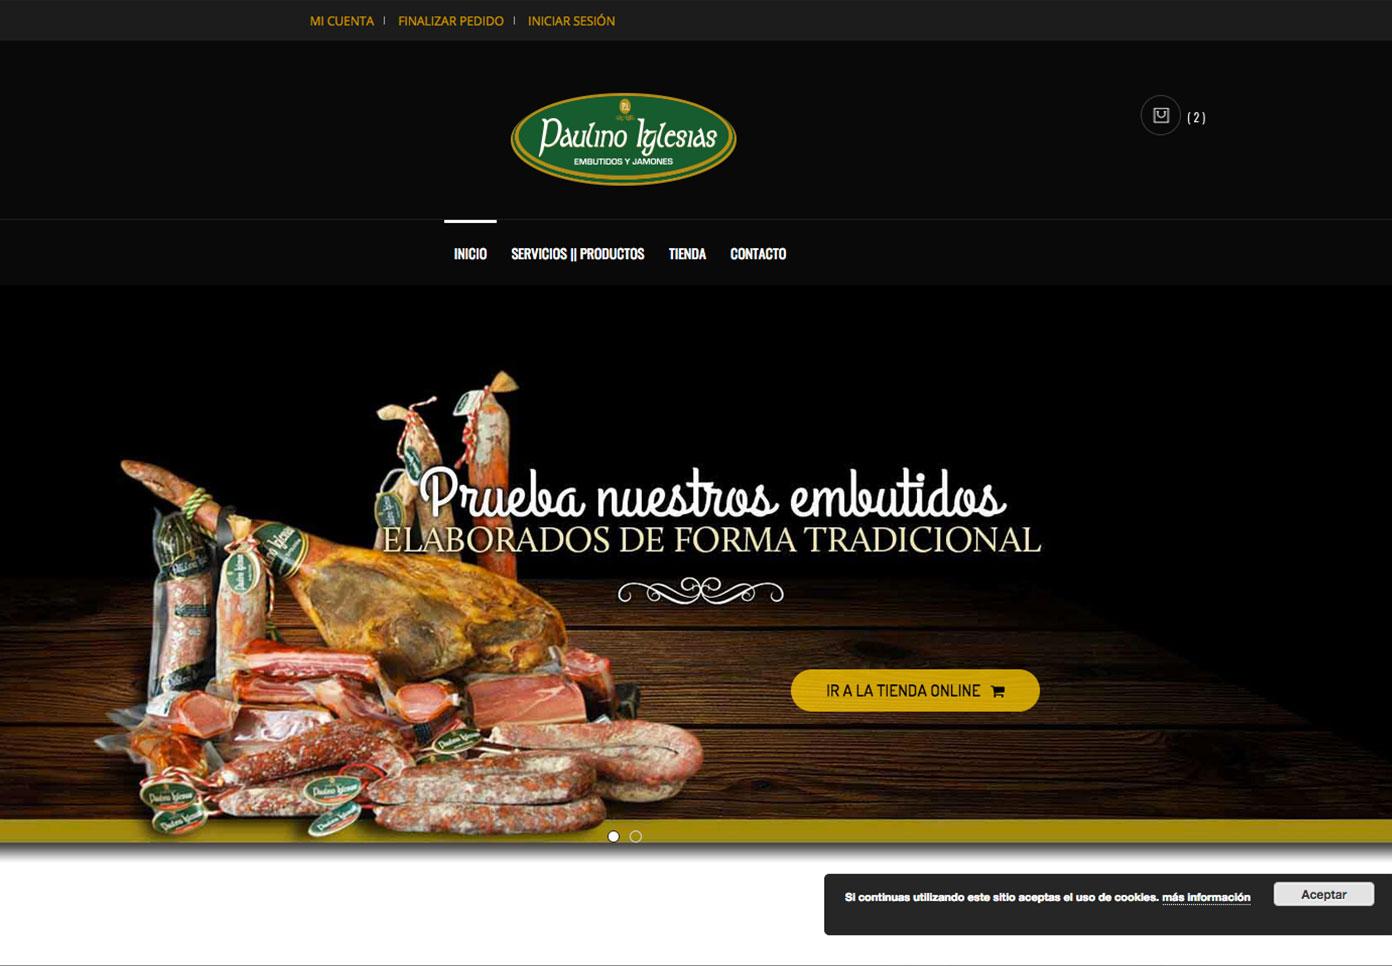 Pàgina web para embutidos Paulino Iglesias